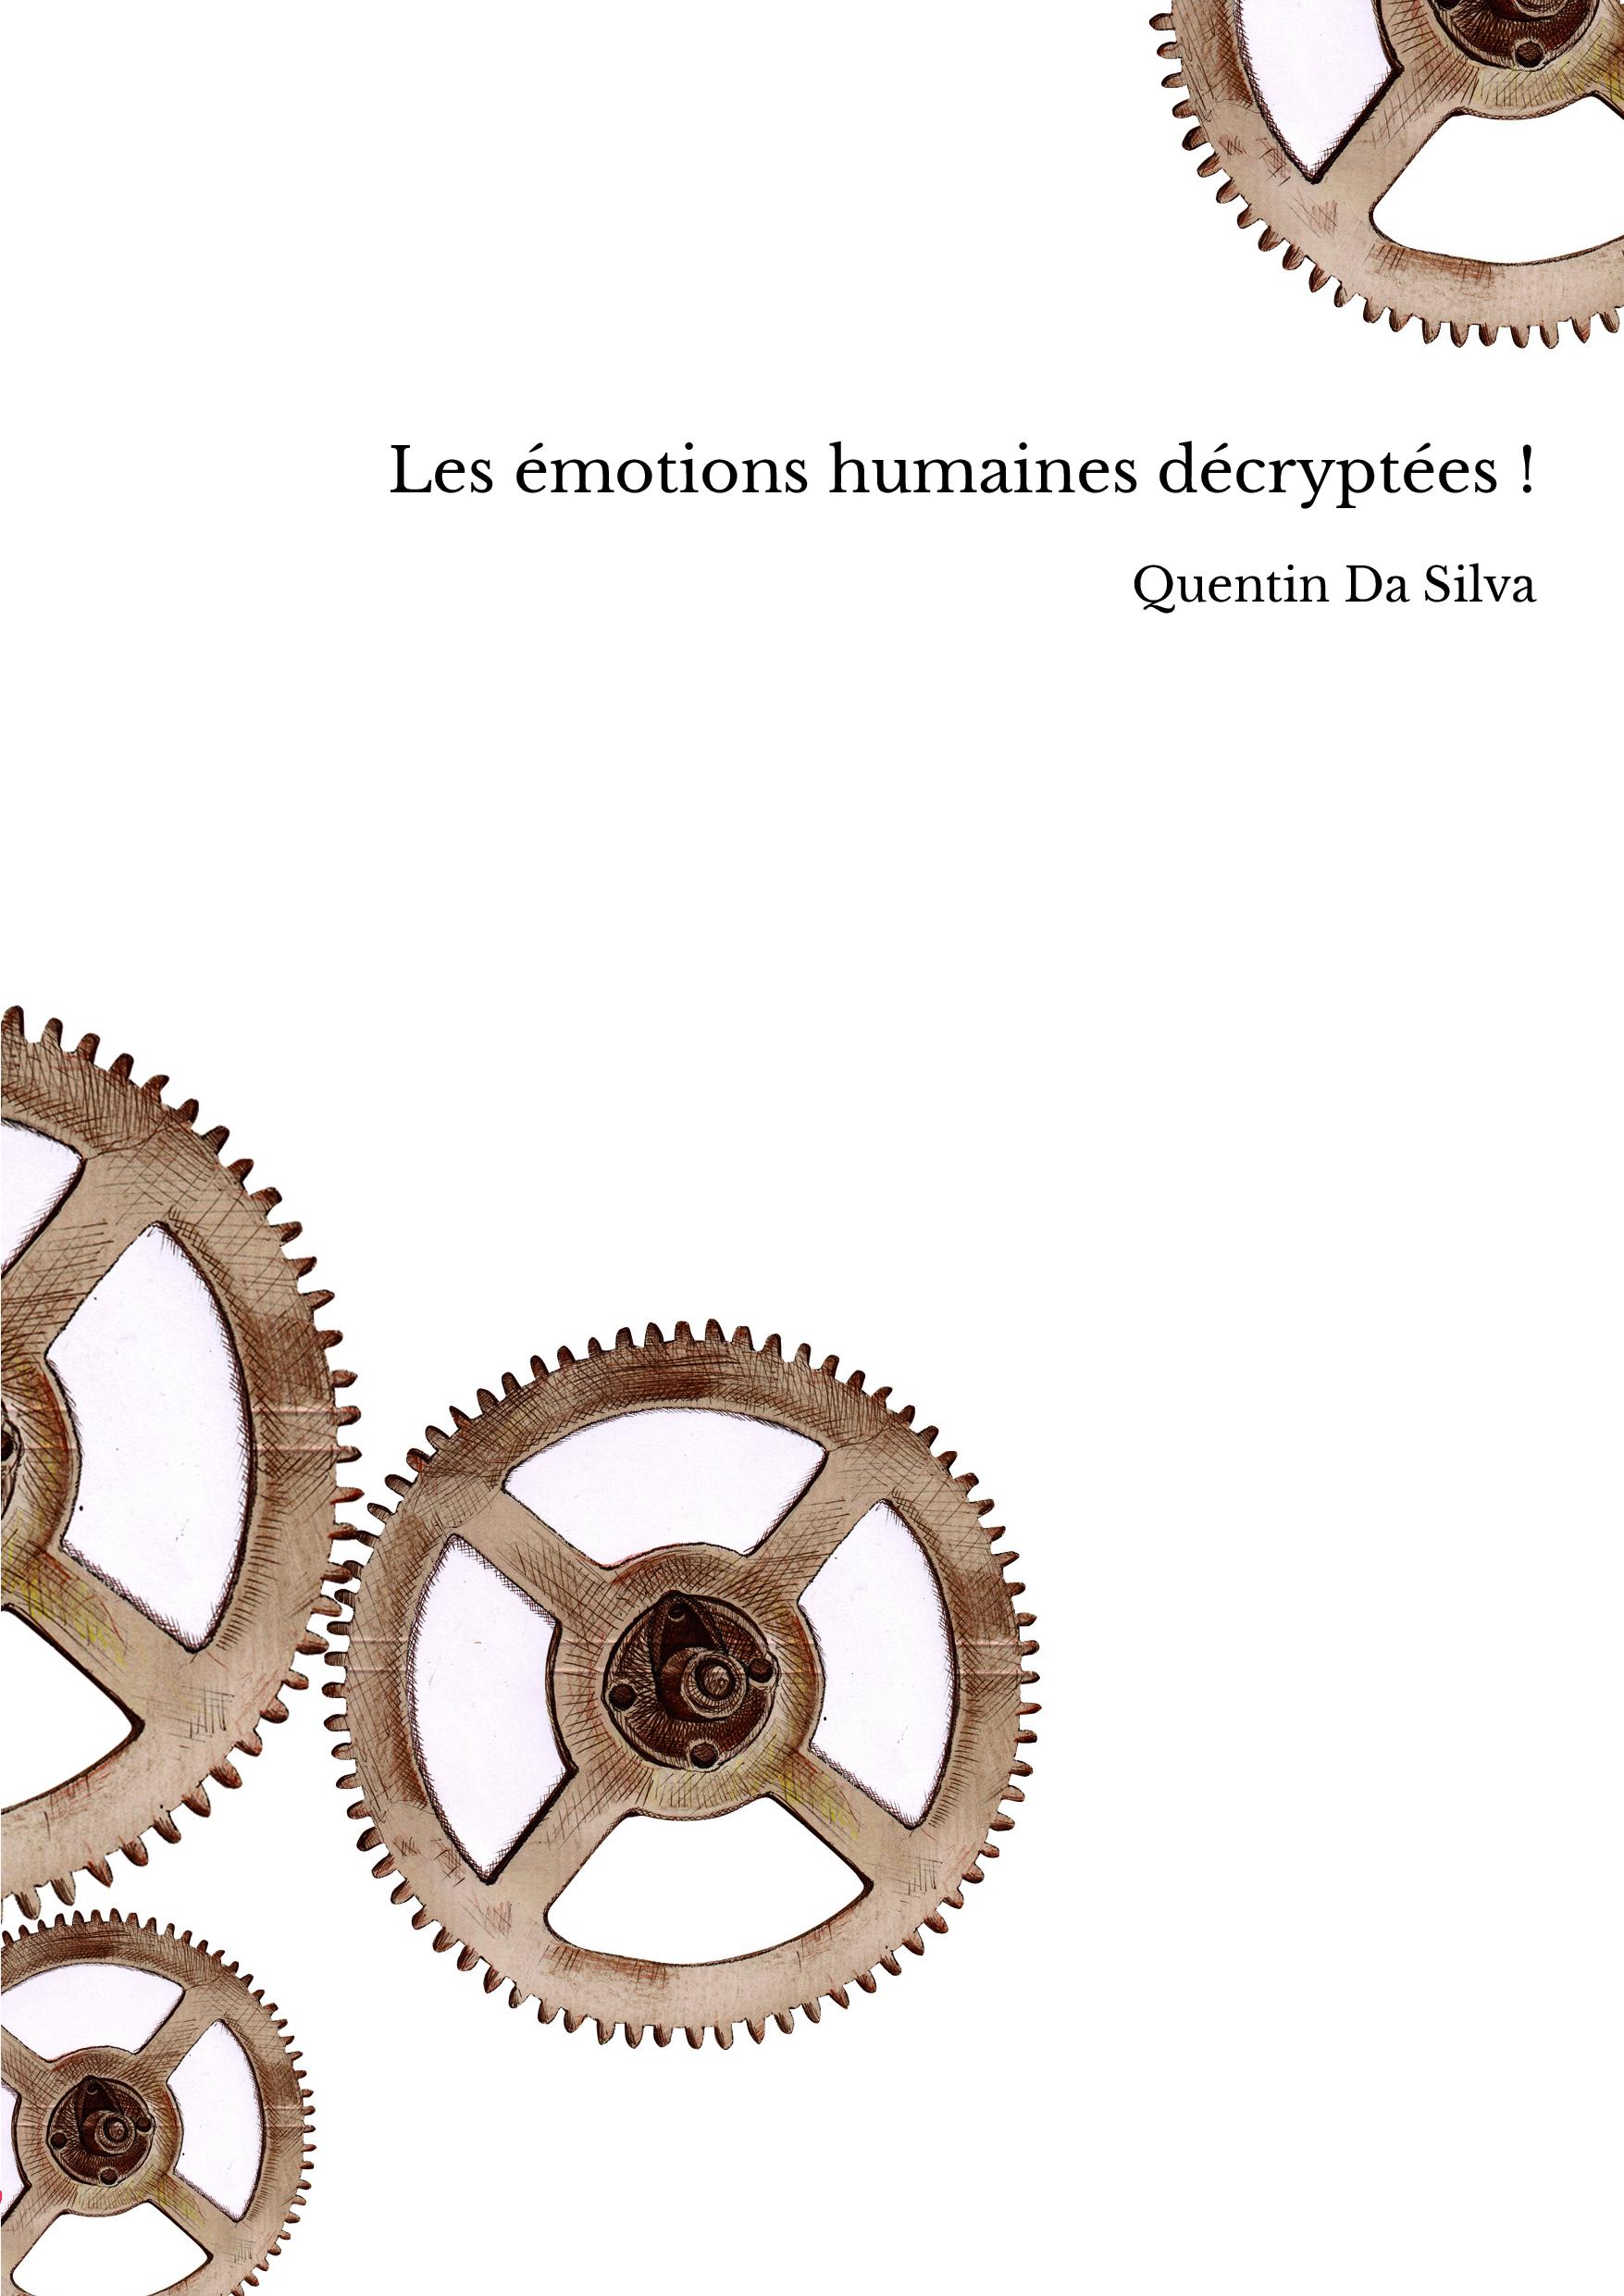 Les émotions humaines décryptées !